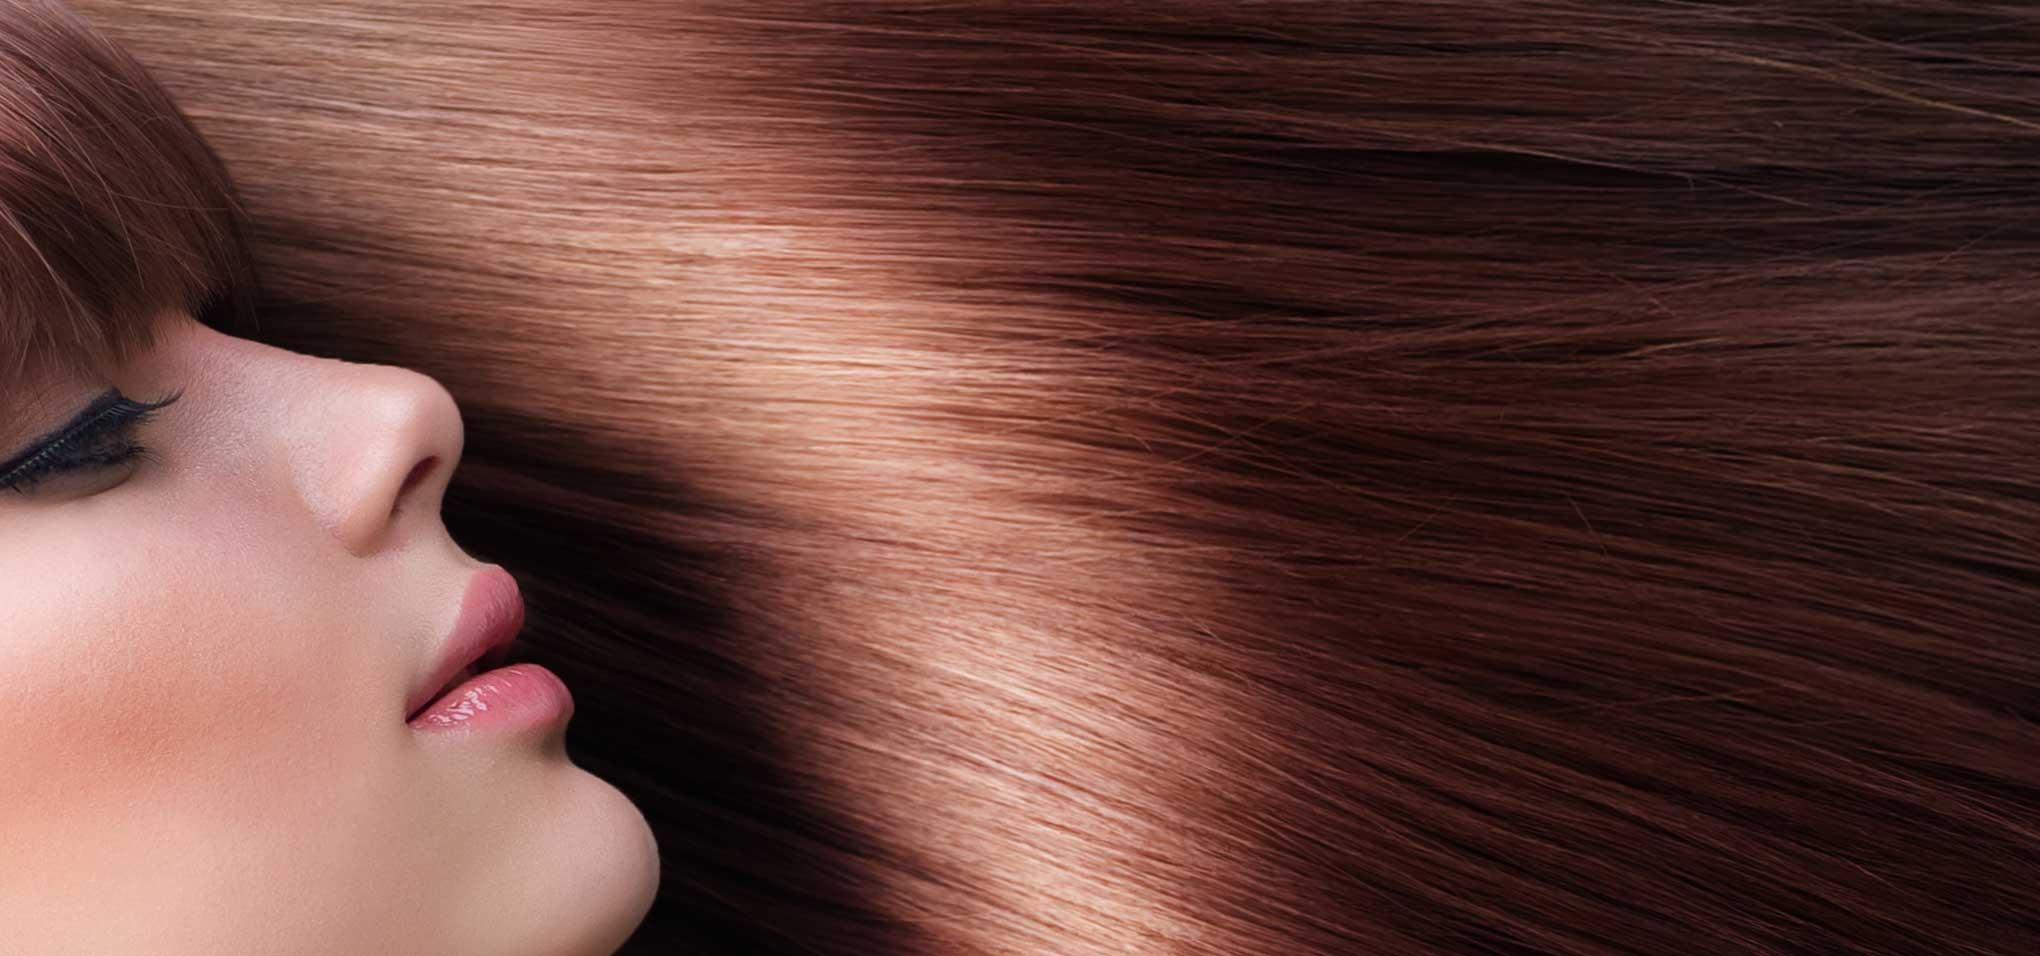 چه بخوریم تا مو هایمان رشد بیشتری داشته باشد؟